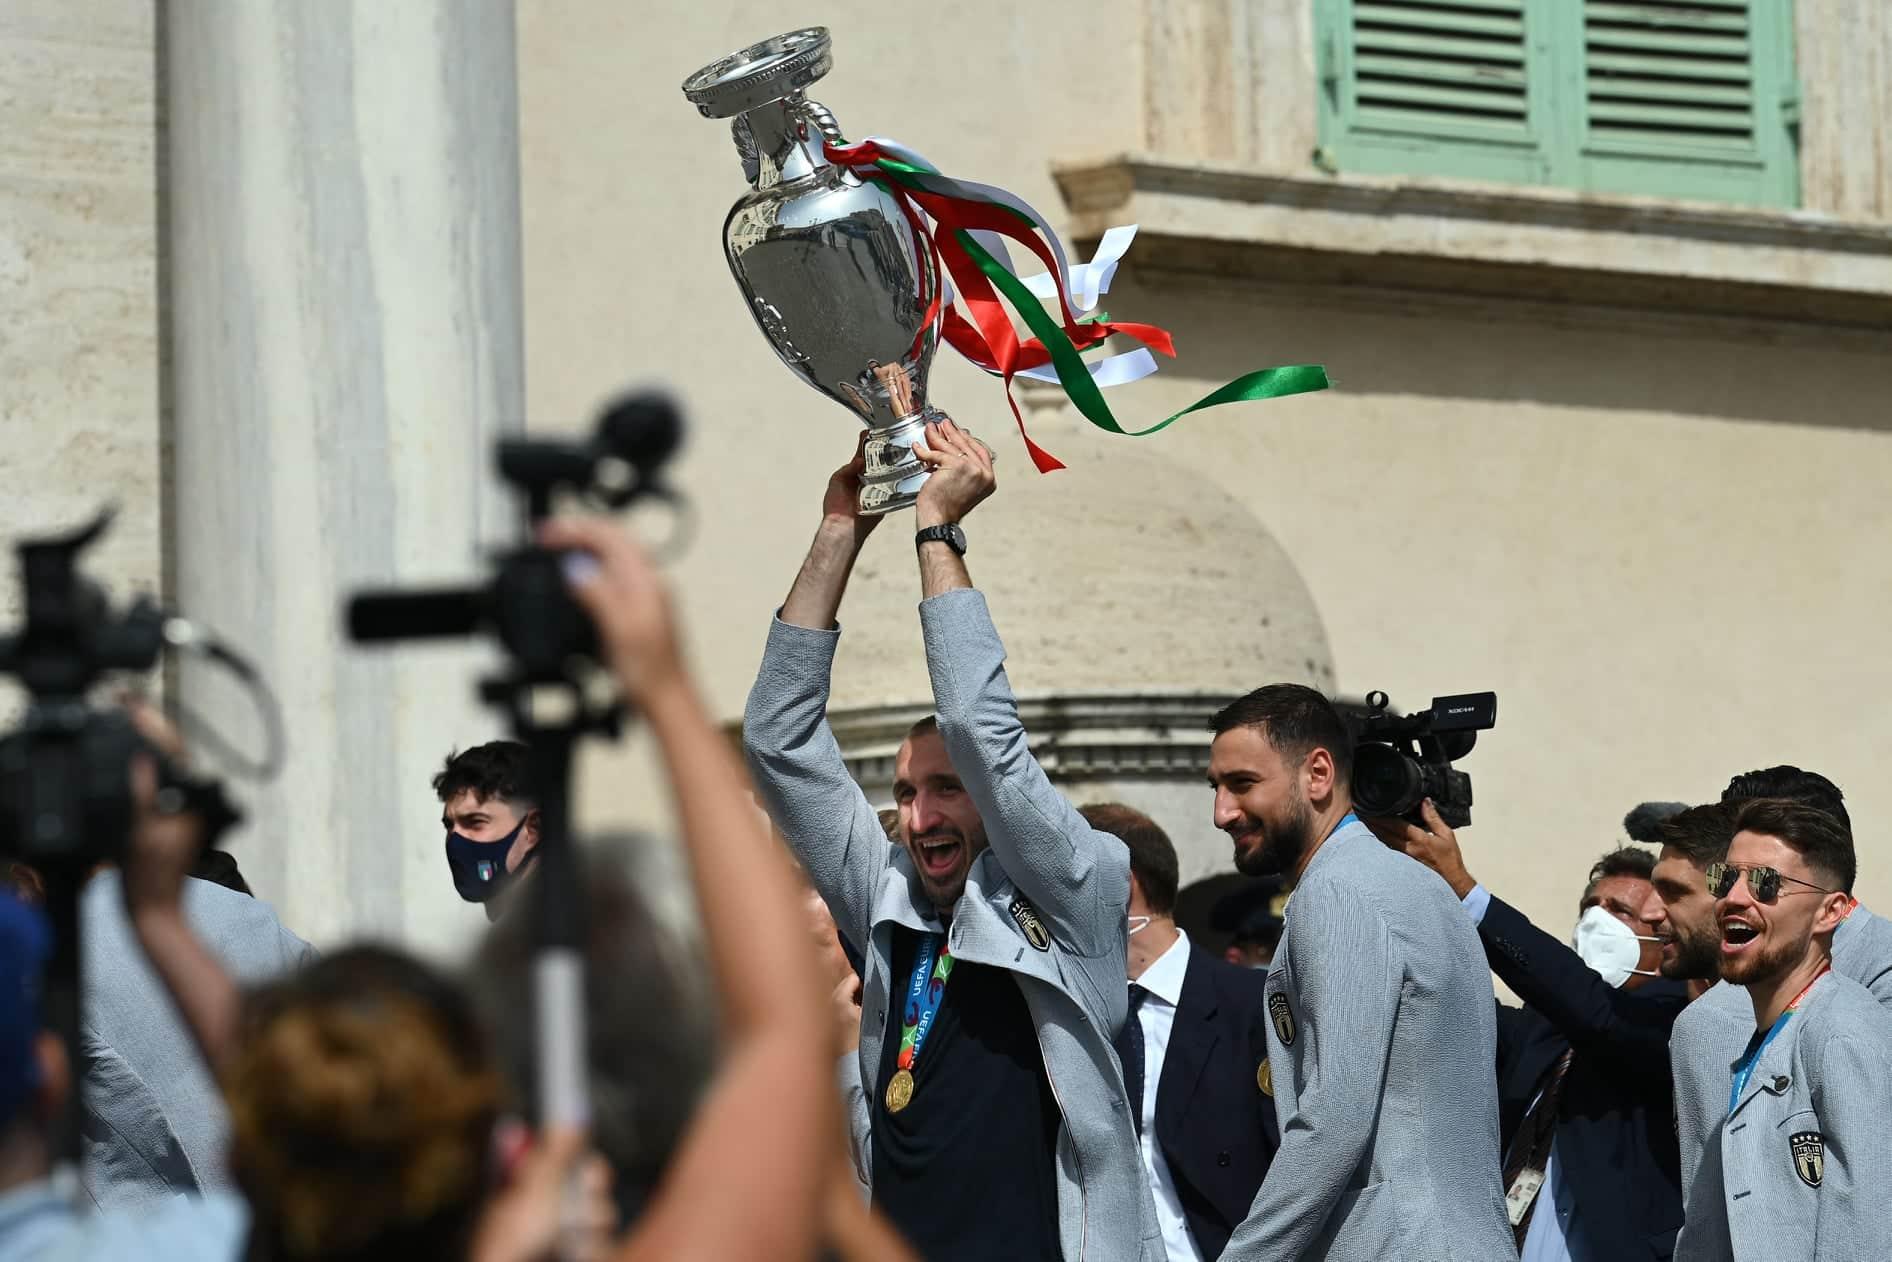 Italia Campione d'Europa, gli Azzurri ricevuti da Mattarella: emozioni al ricordo di Astori